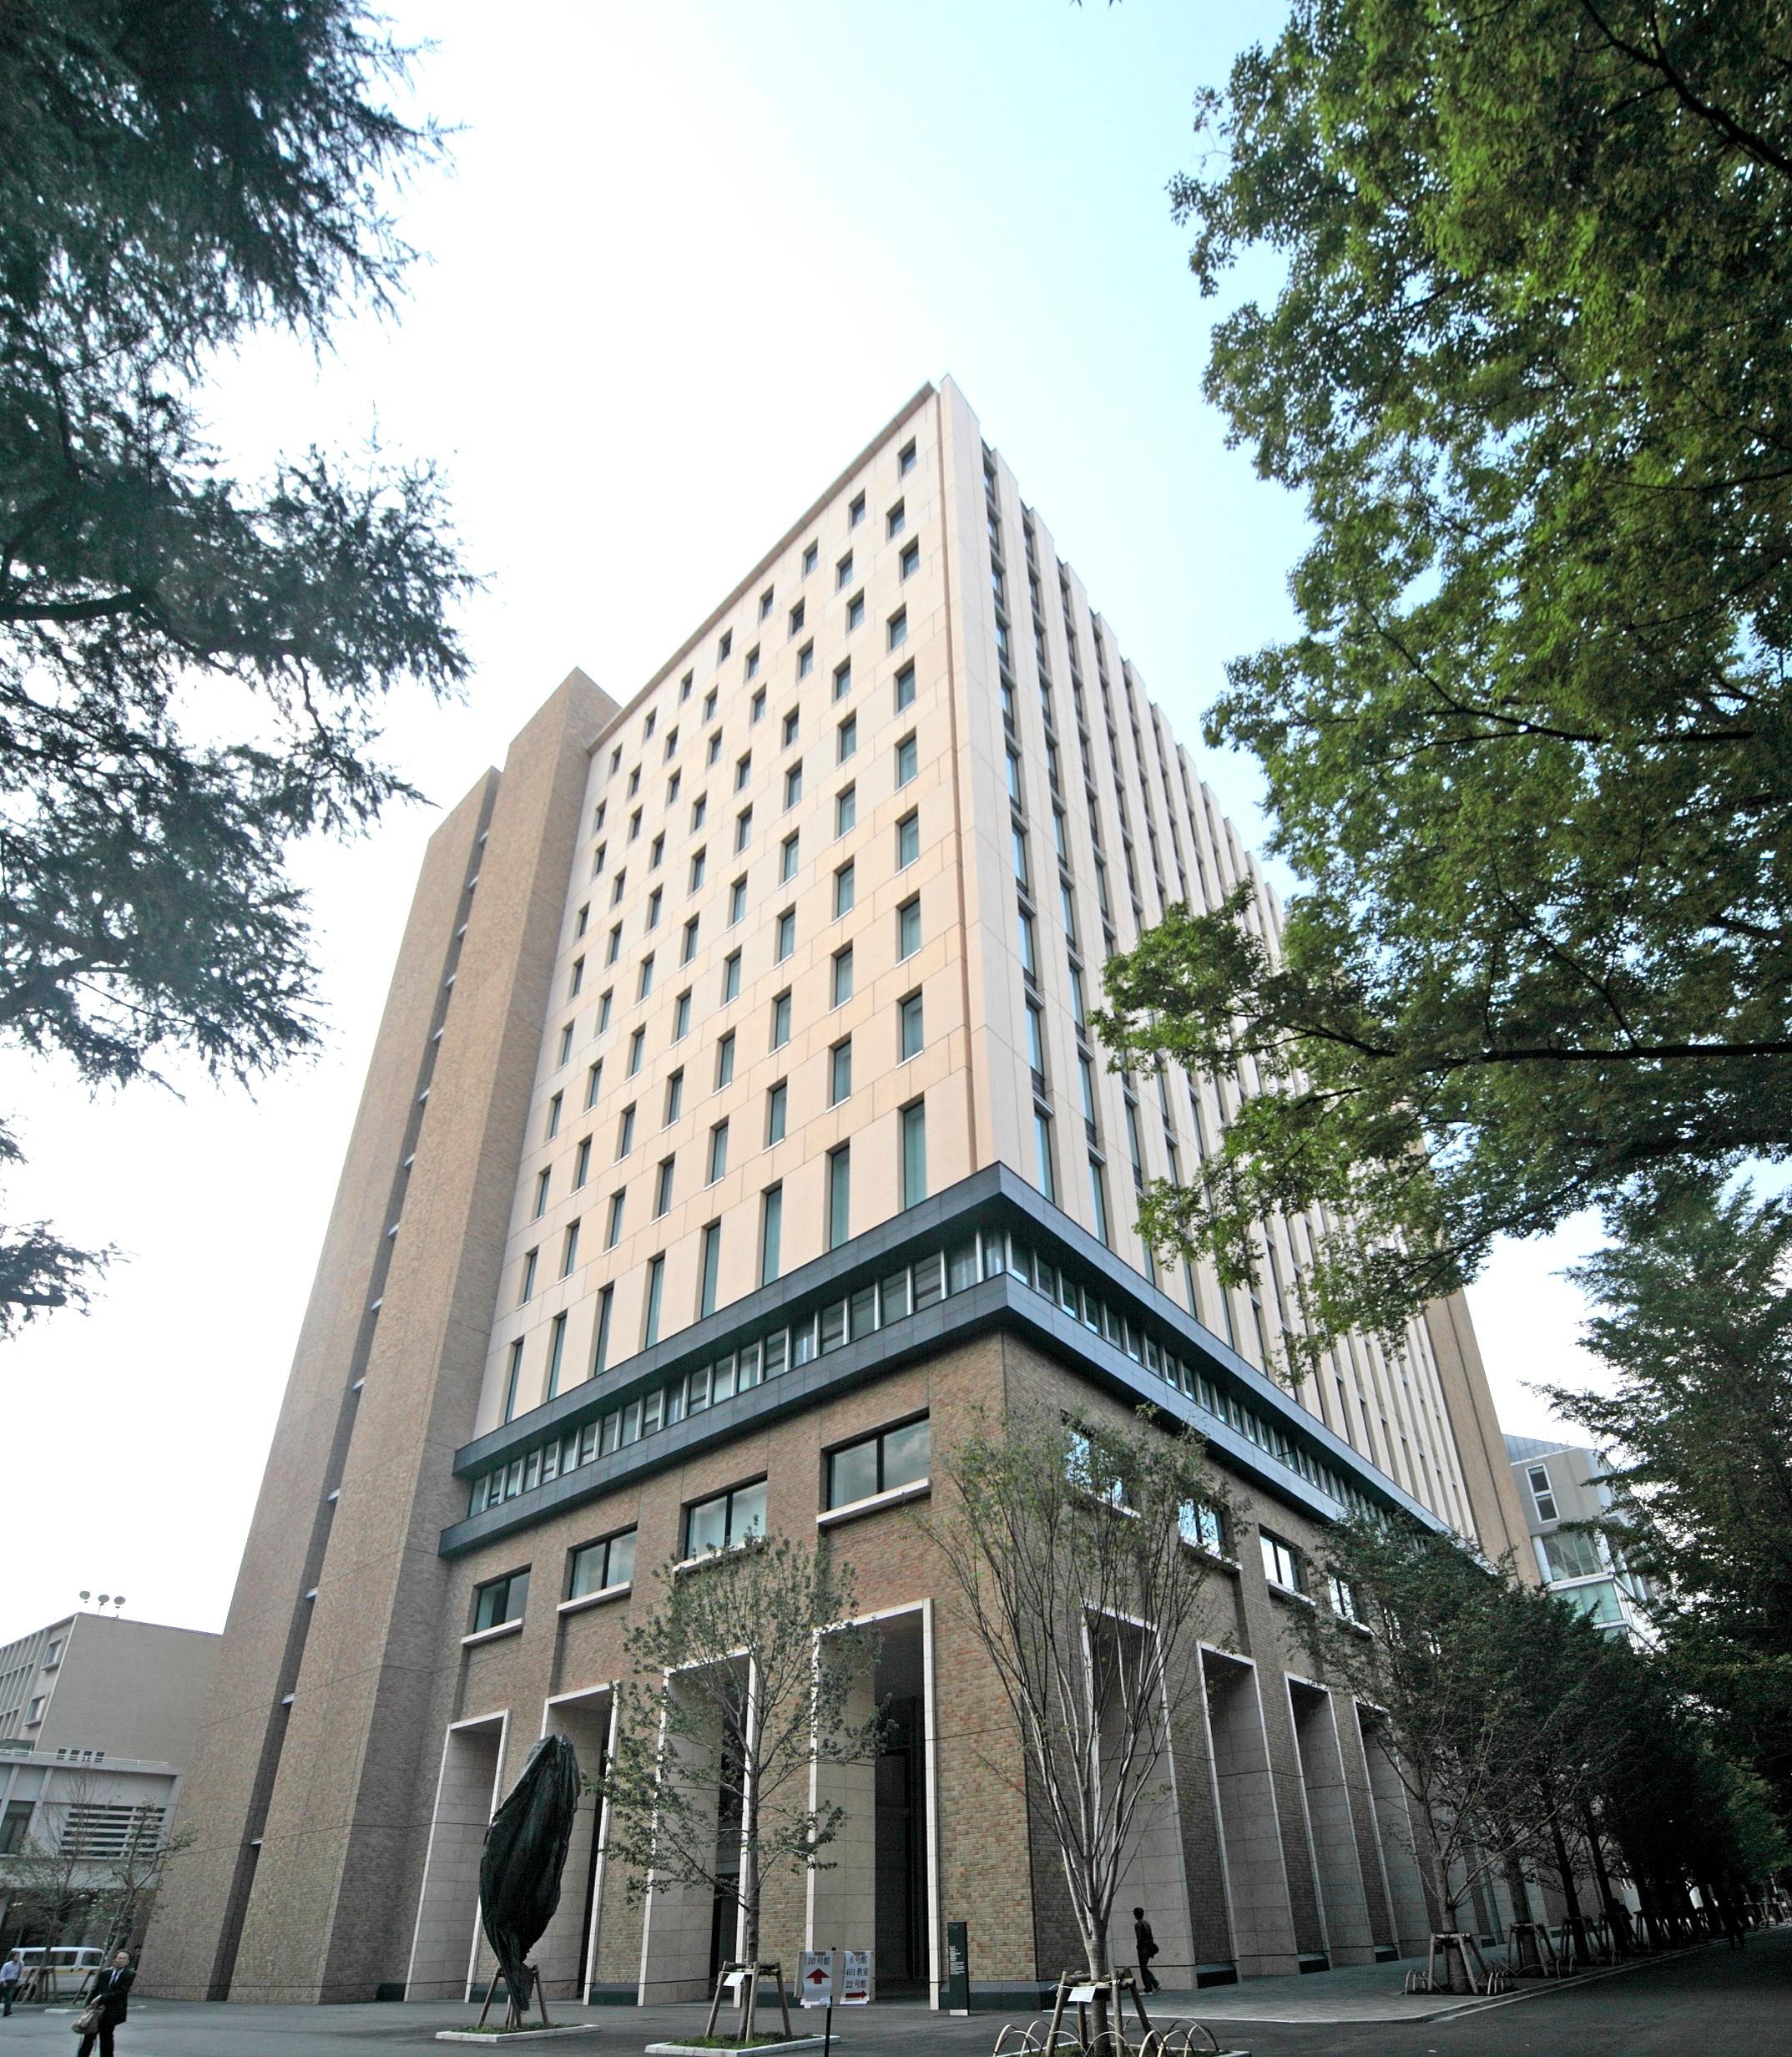 早稲田大学 11号館 | 高橋カーテンウォール工業